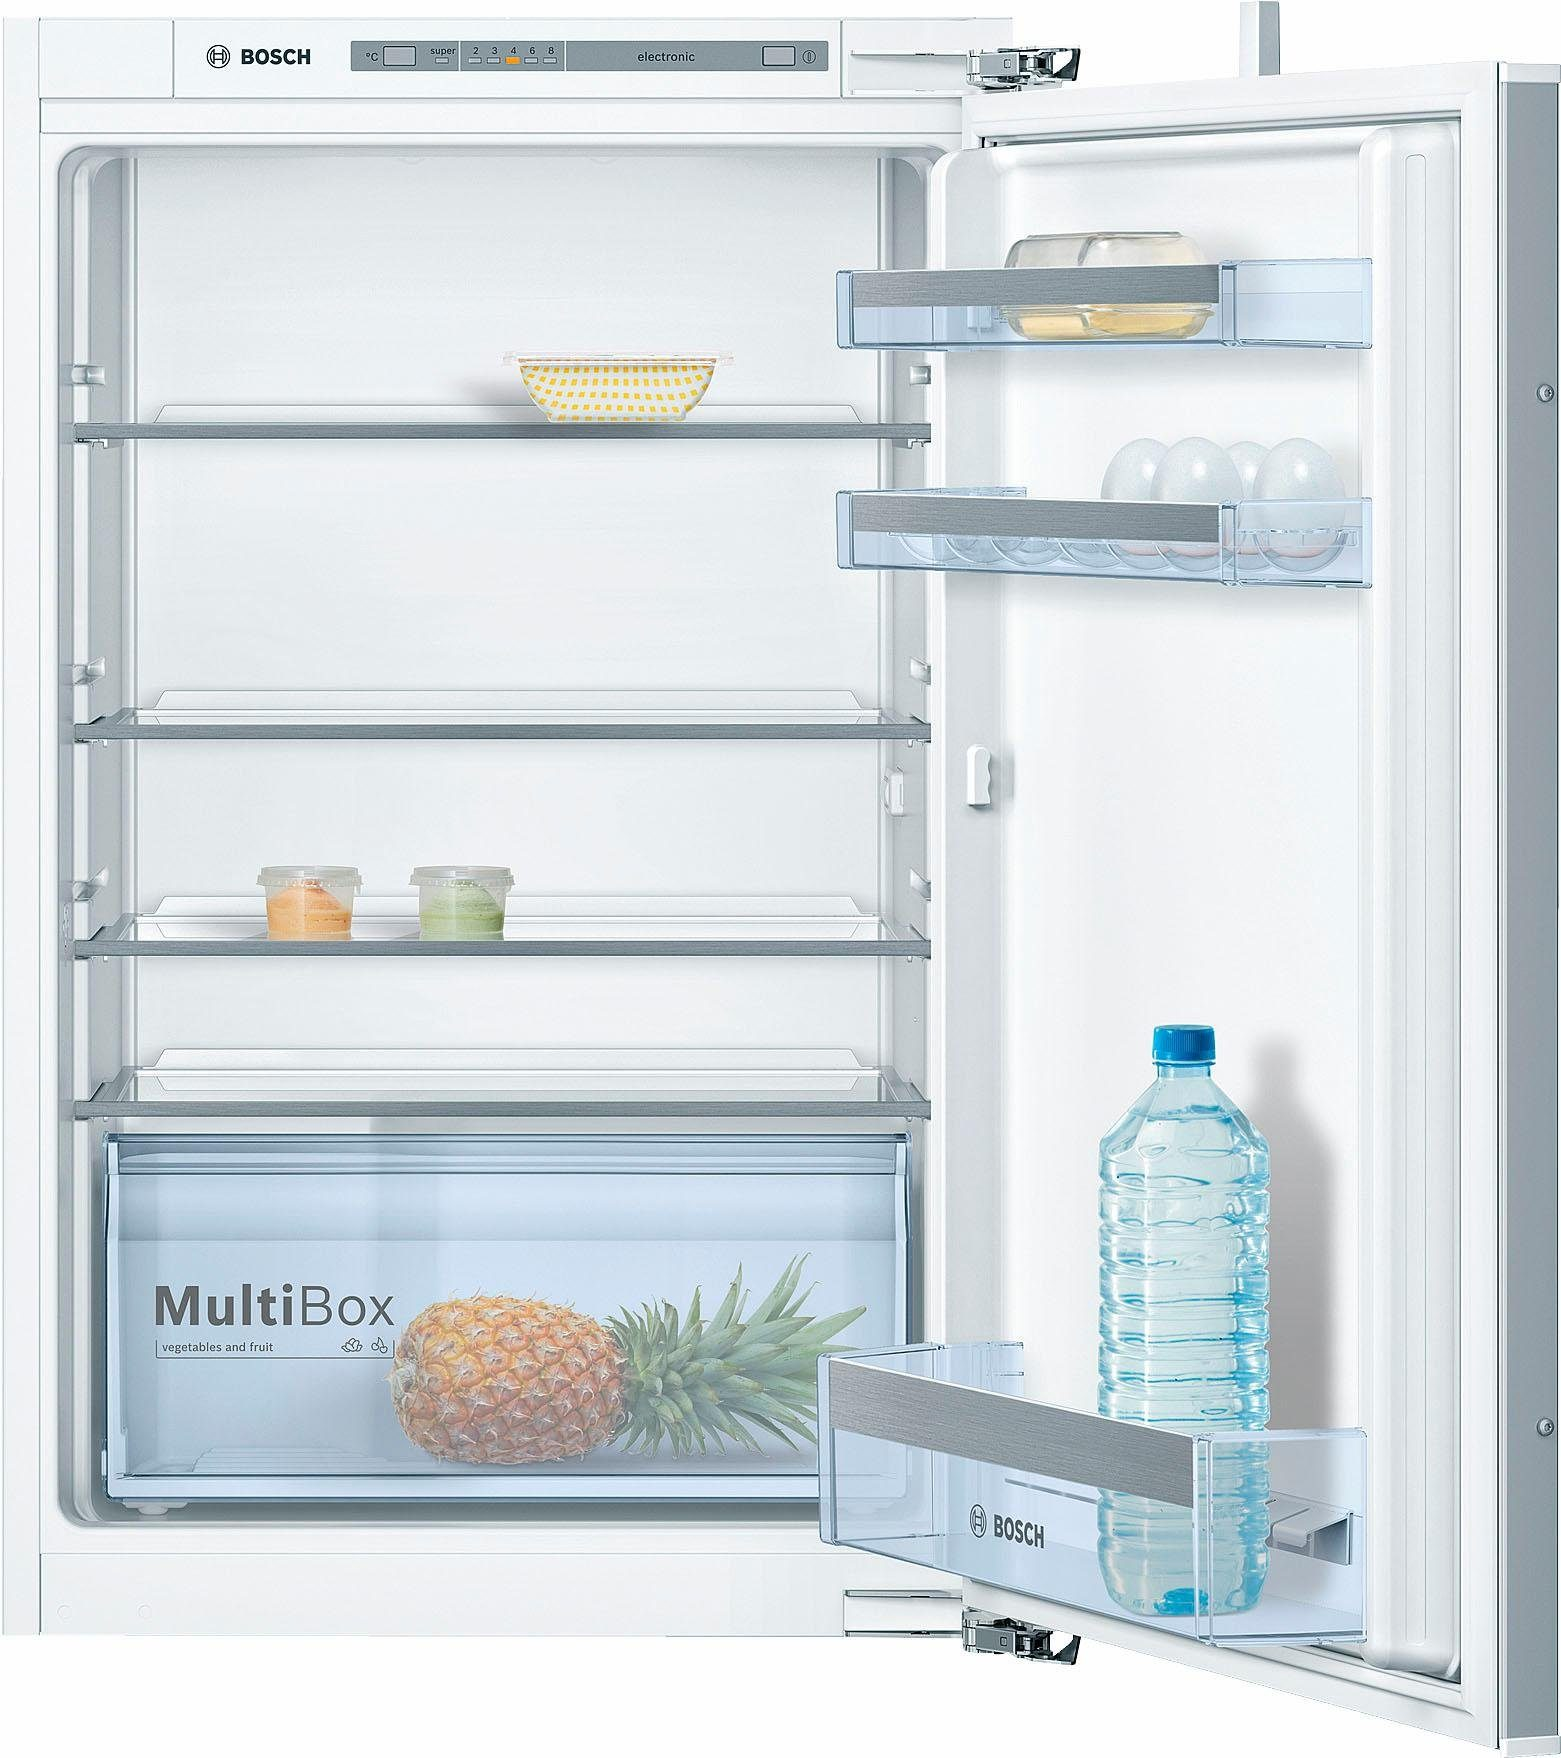 BOSCH Einbaukühlschrank KIR21VF30, 87,4 cm hoch, 54,1 cm breit, Energieklasse A++, 88 cm hoch, FreshSense